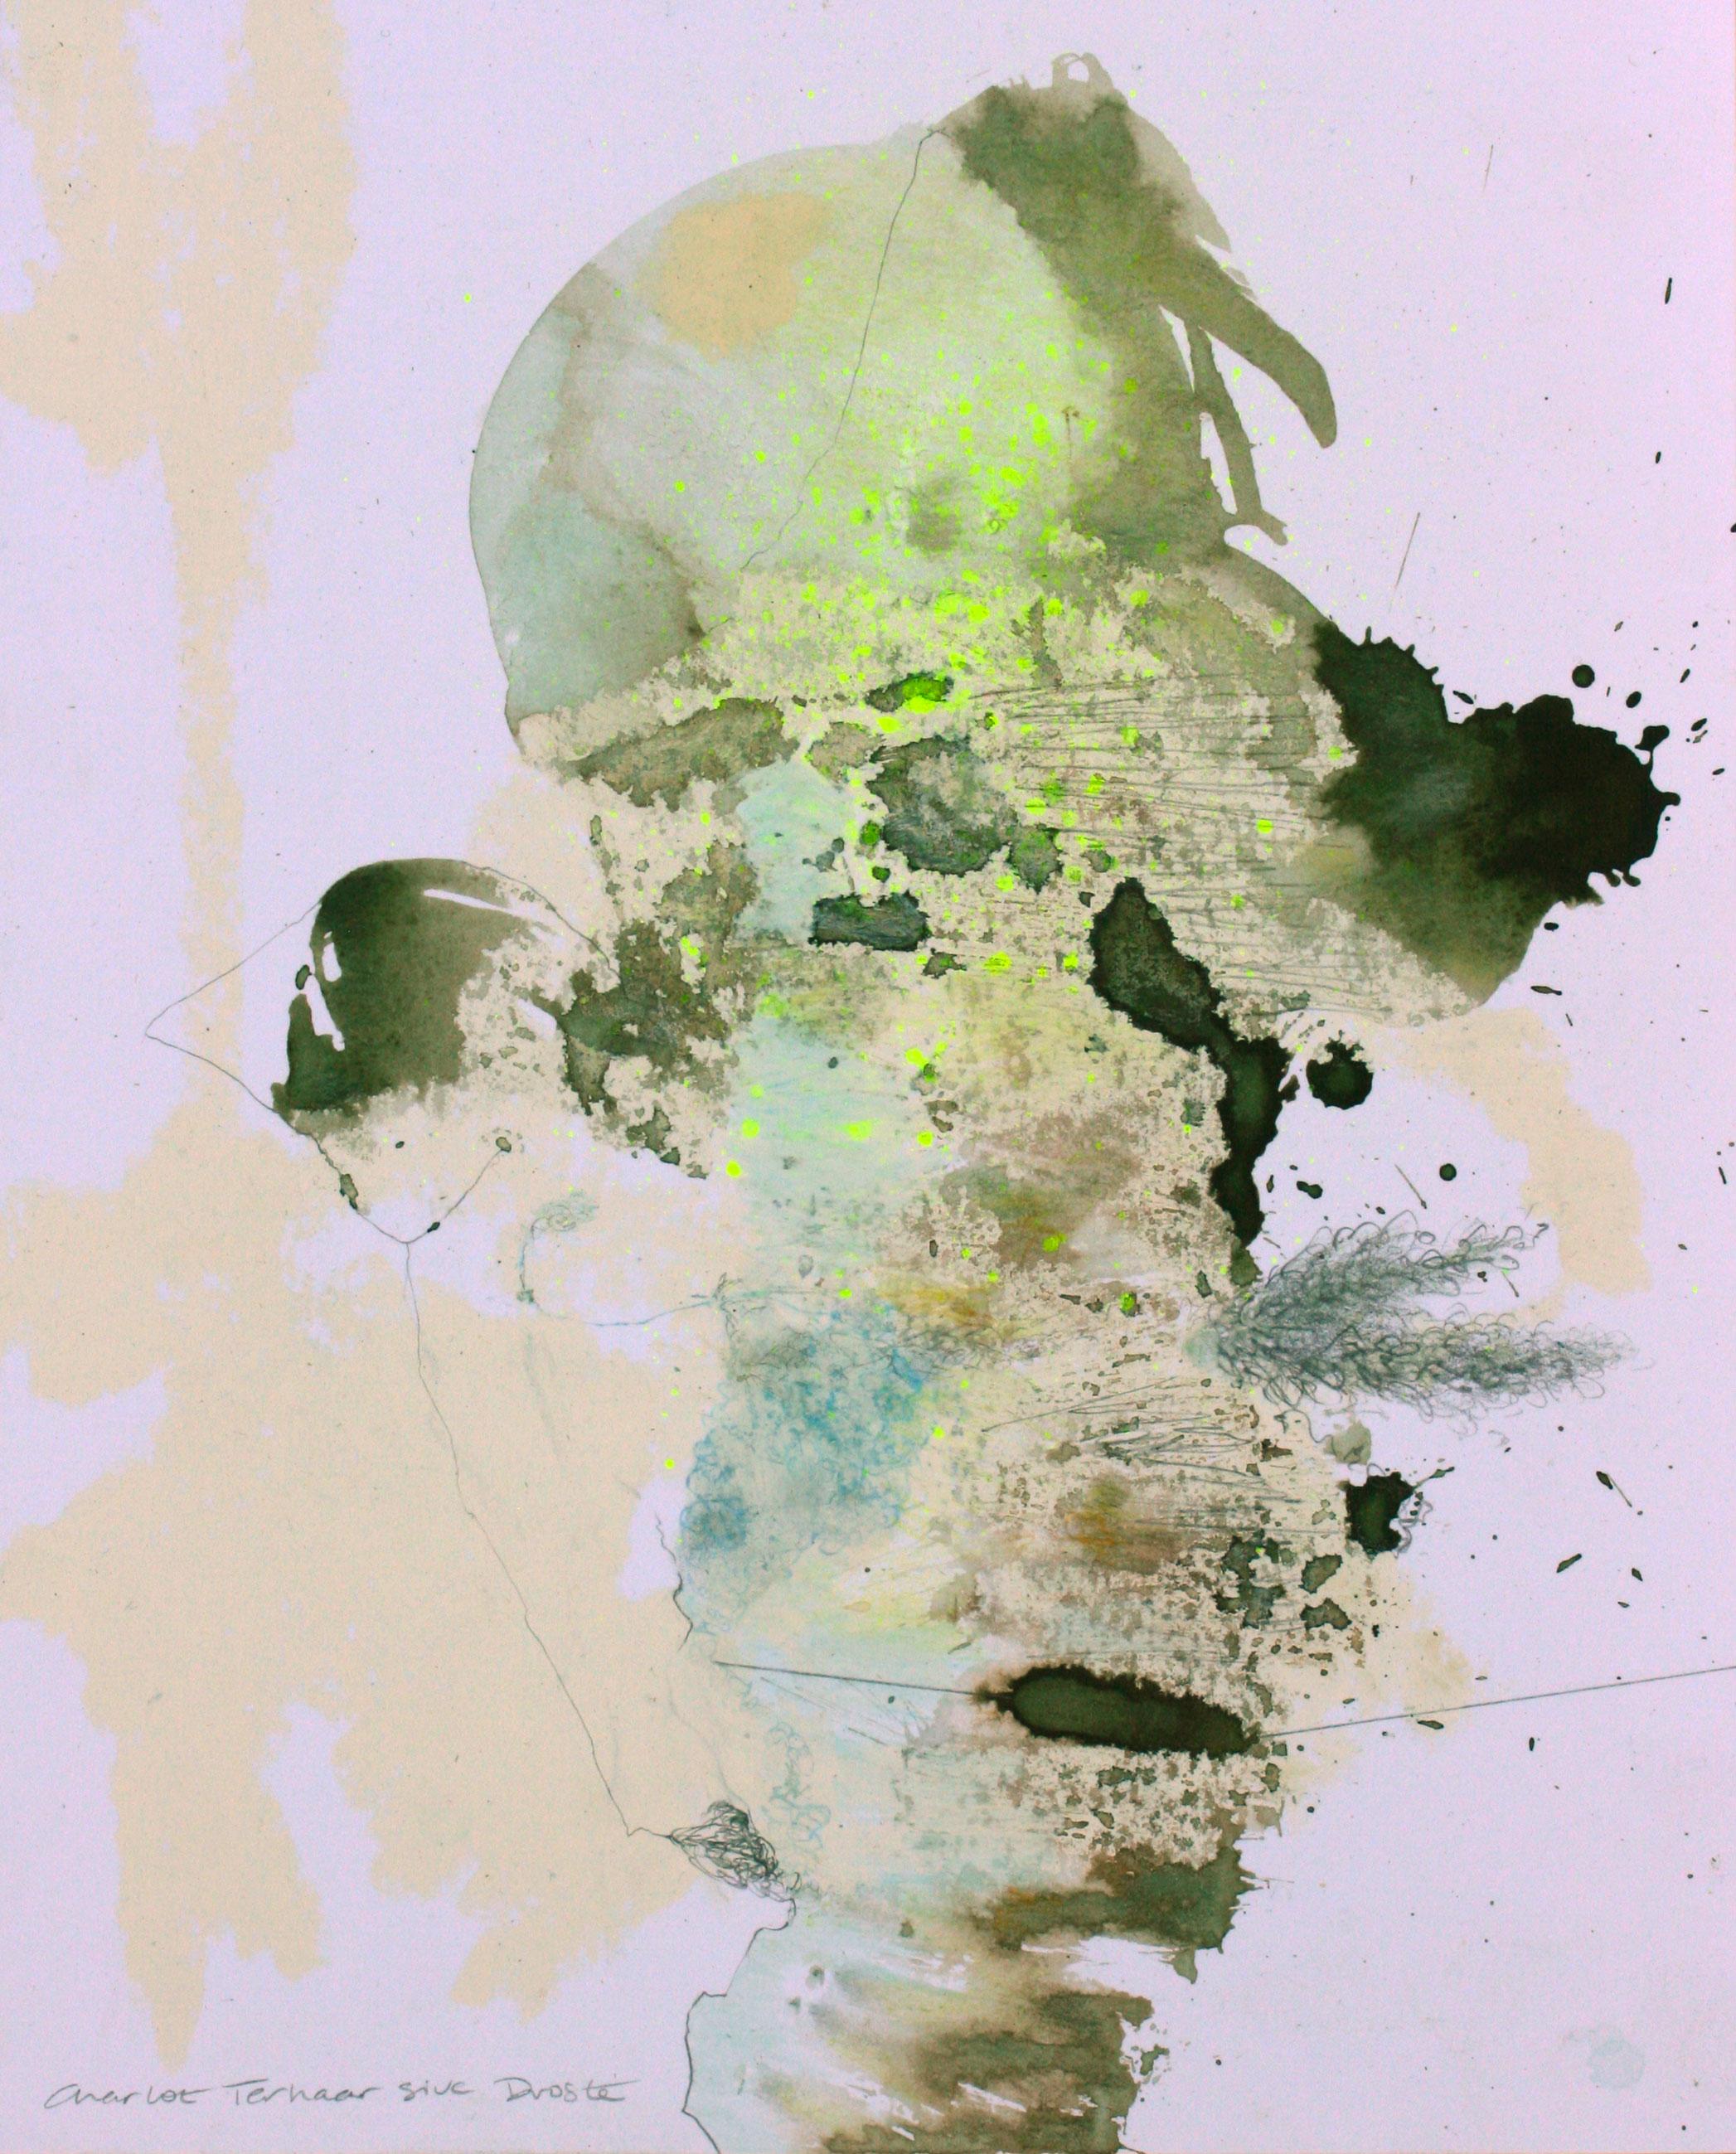 # 356 | Charlot Terhaar sive Droste